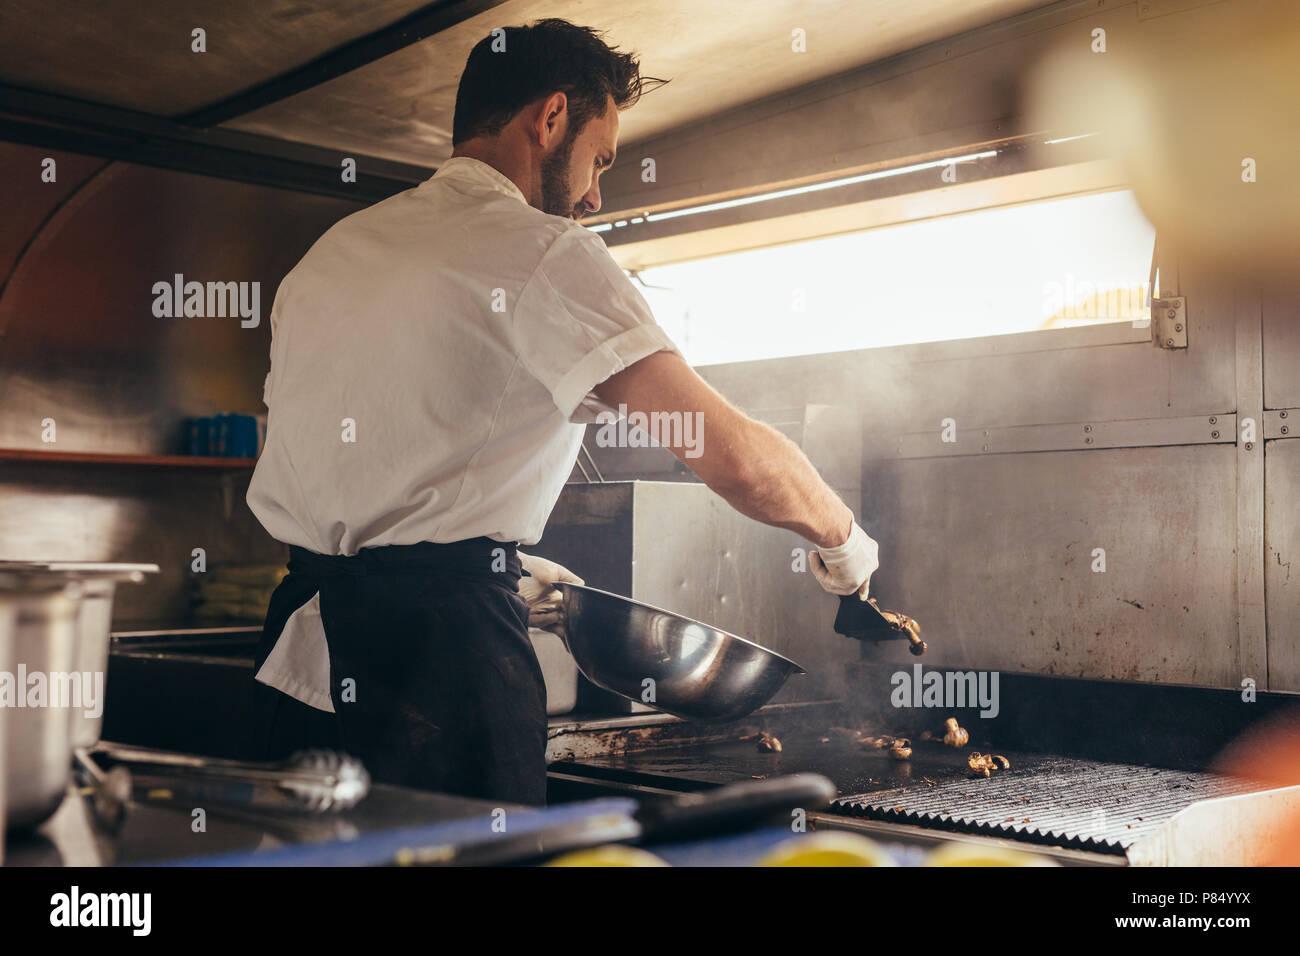 Männer kochen und essen in Essen Lkw unter einem Baum geparkt. Man Zerkleinern von Gemüse auf sein Essen. Stockbild